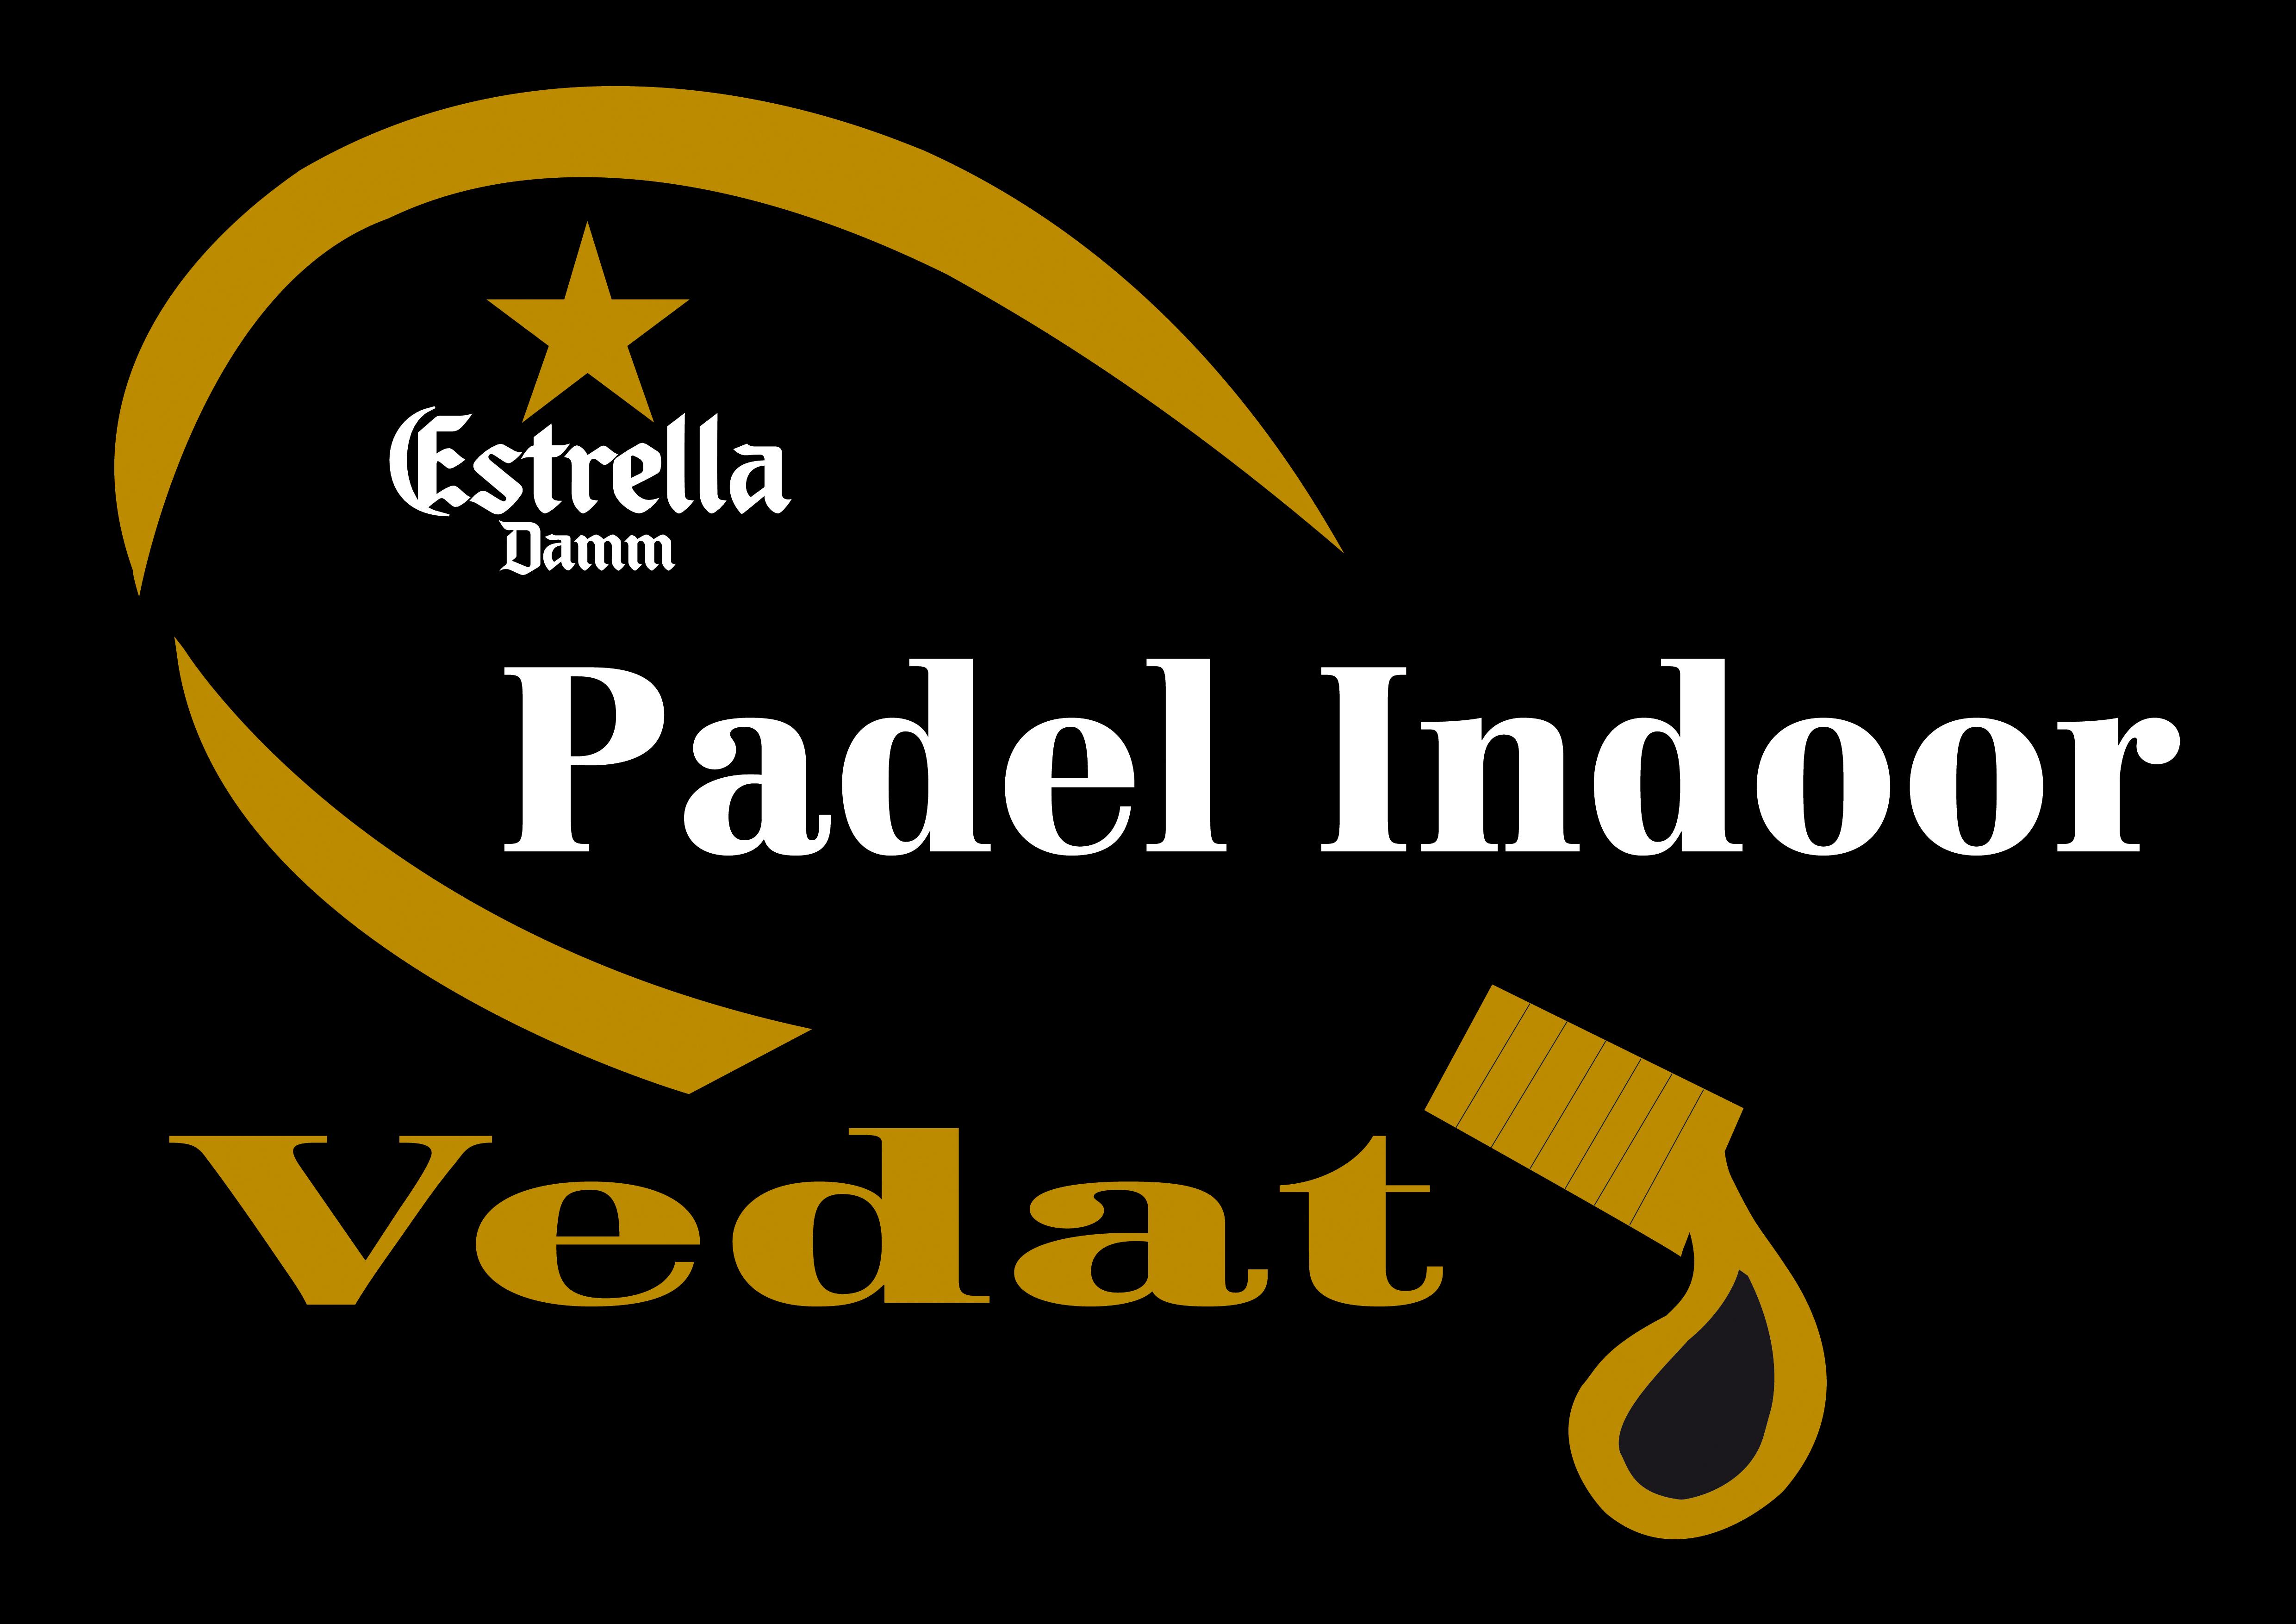 Padel Indoor Vedat OK 1 - Padel Indoor Vedat